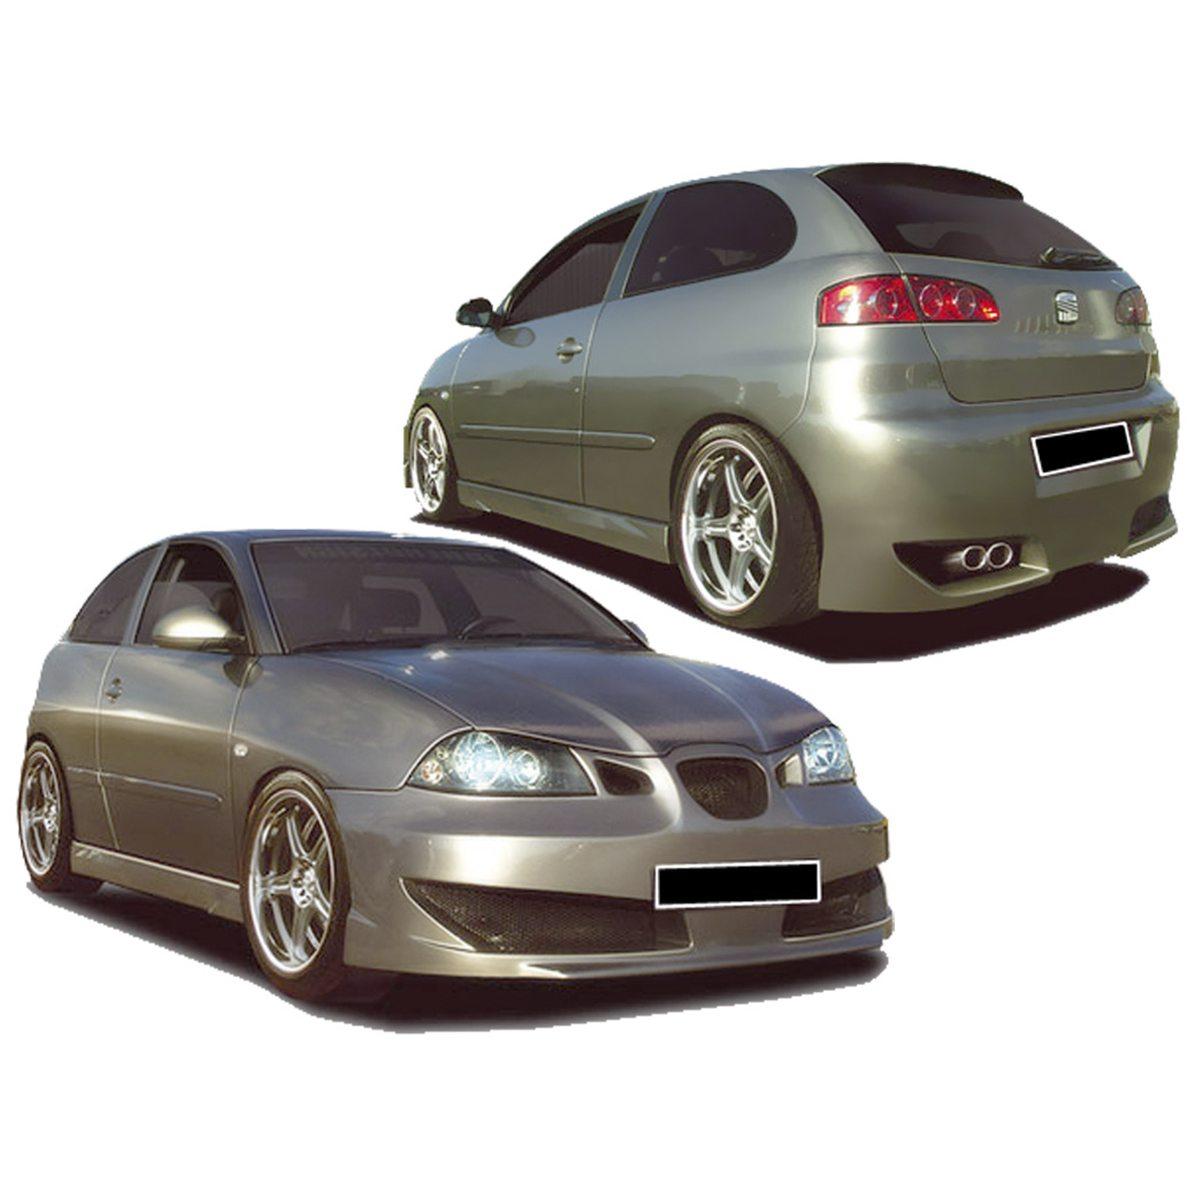 Seat-Ibiza-2003-Mars-KIT-KTN027